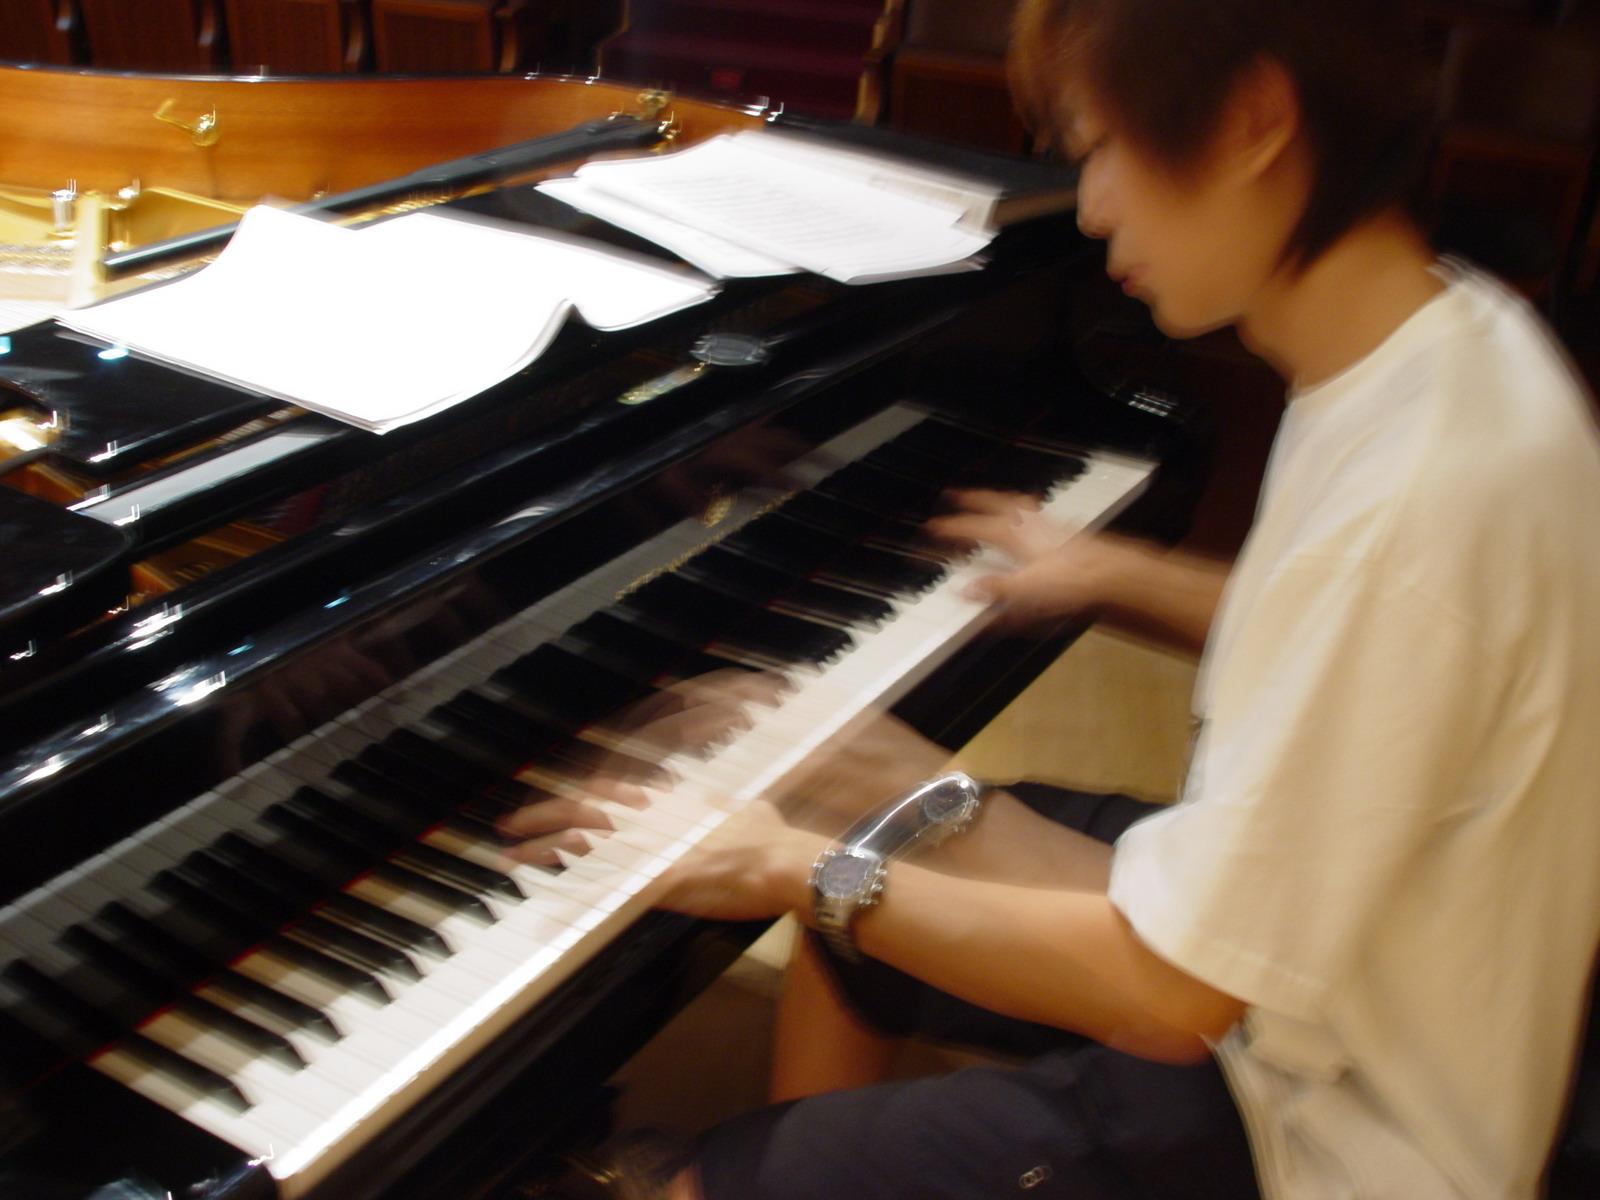 斯坦威钢琴的介绍图片